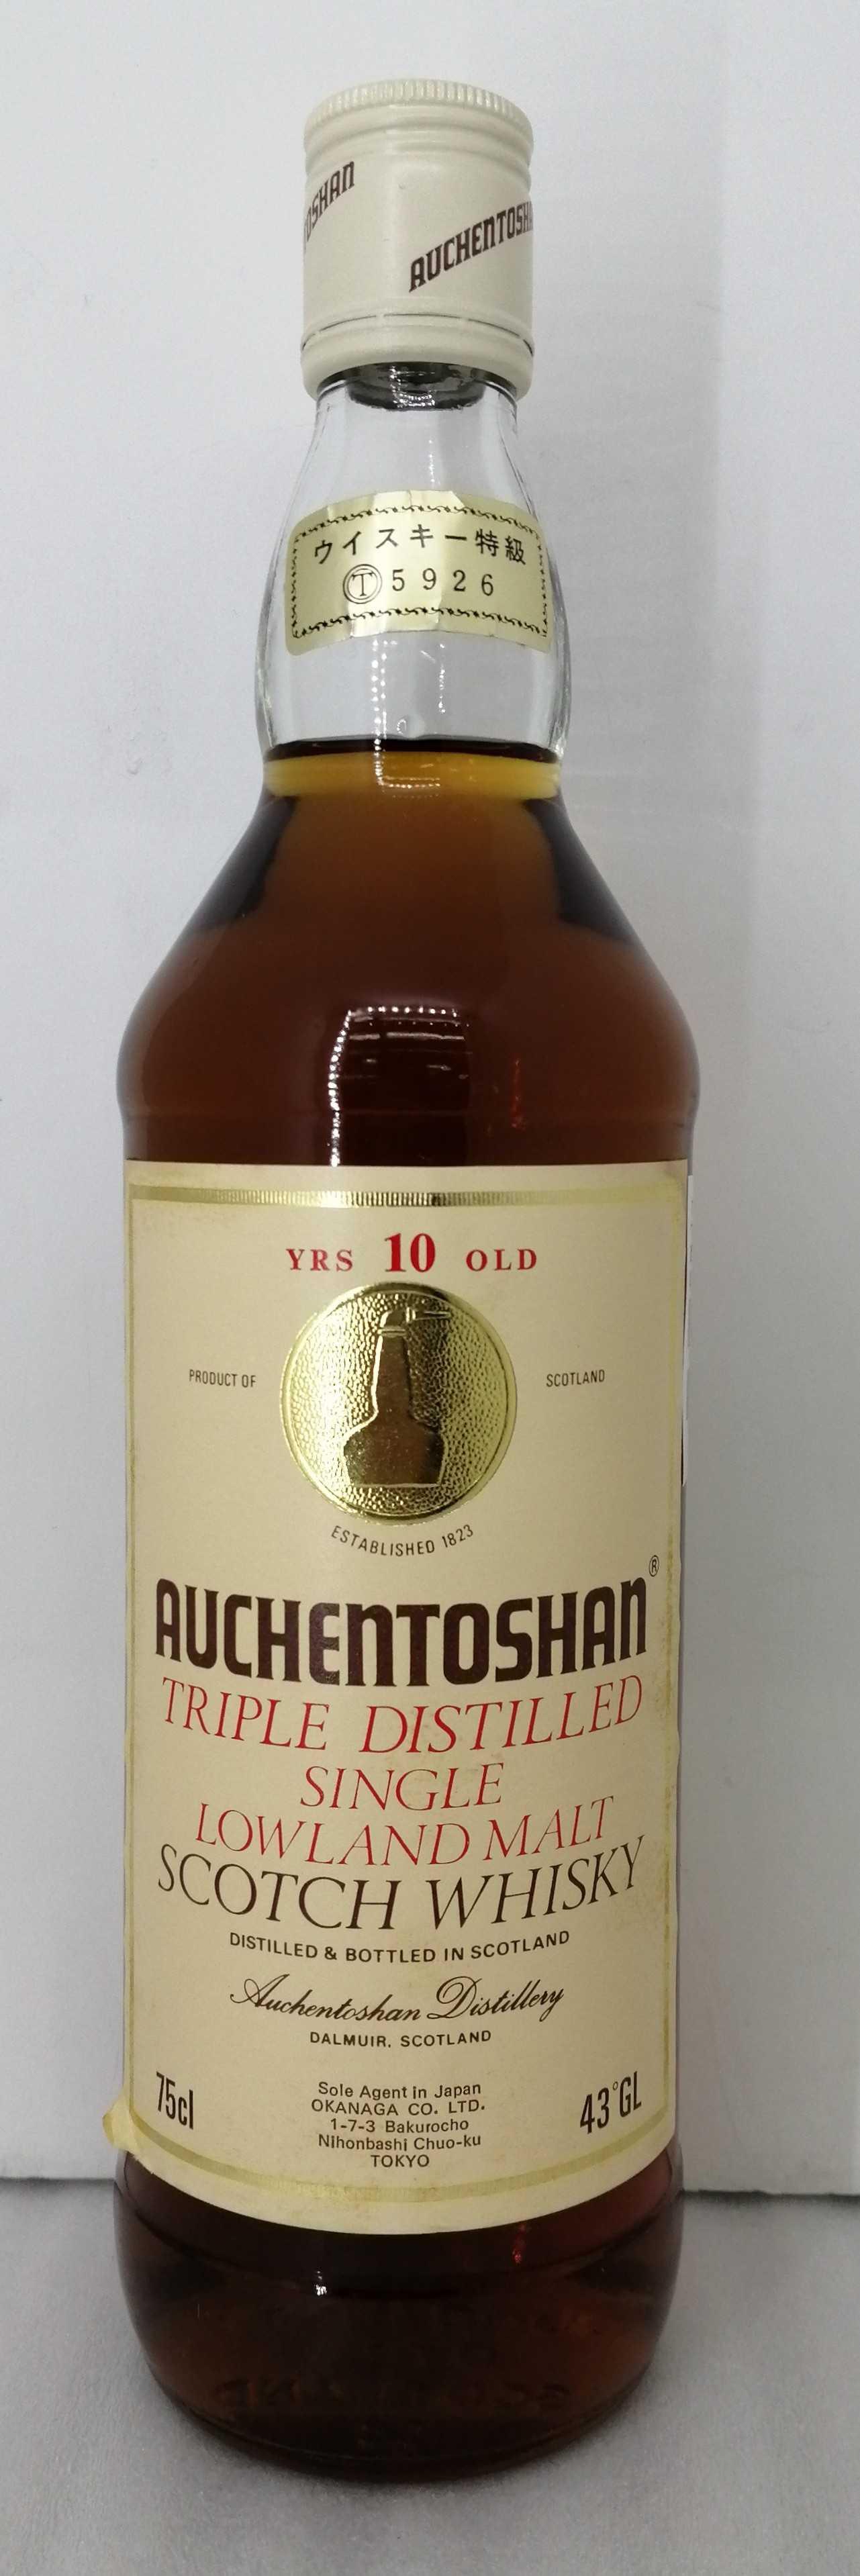 オーヘントッシャン 10年 AUCHENTOSHAN